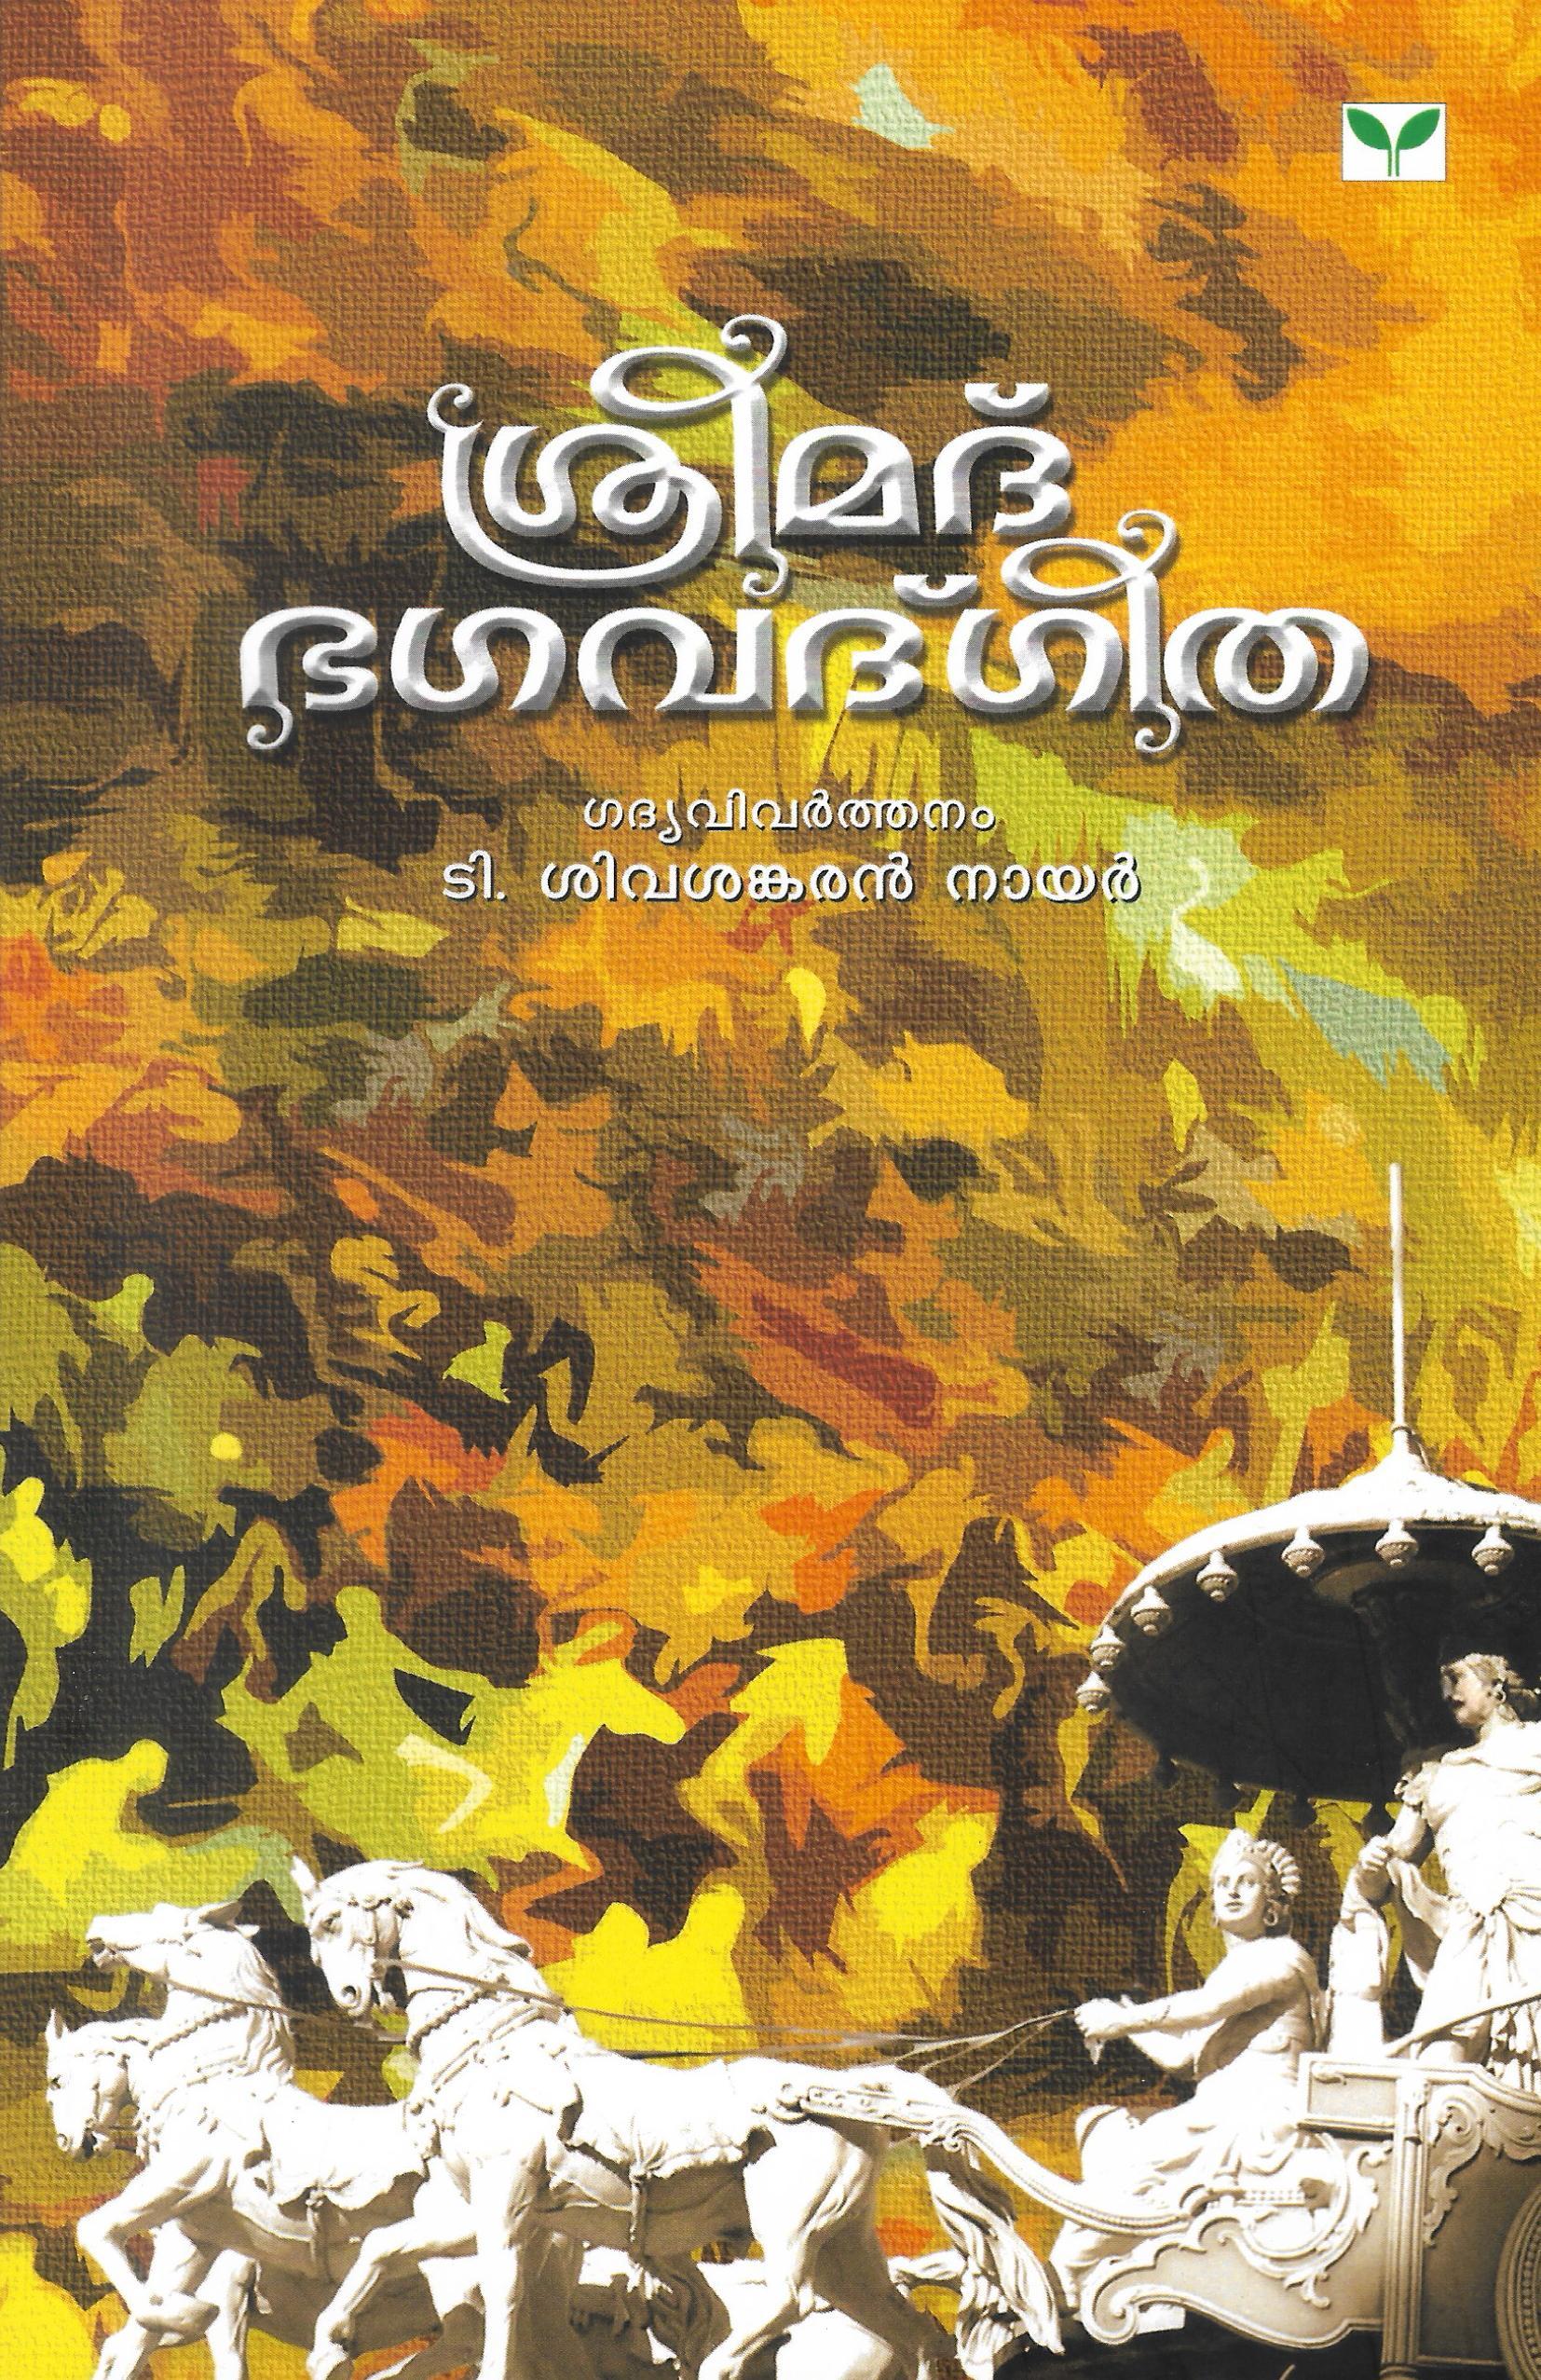 Bhagavatgita